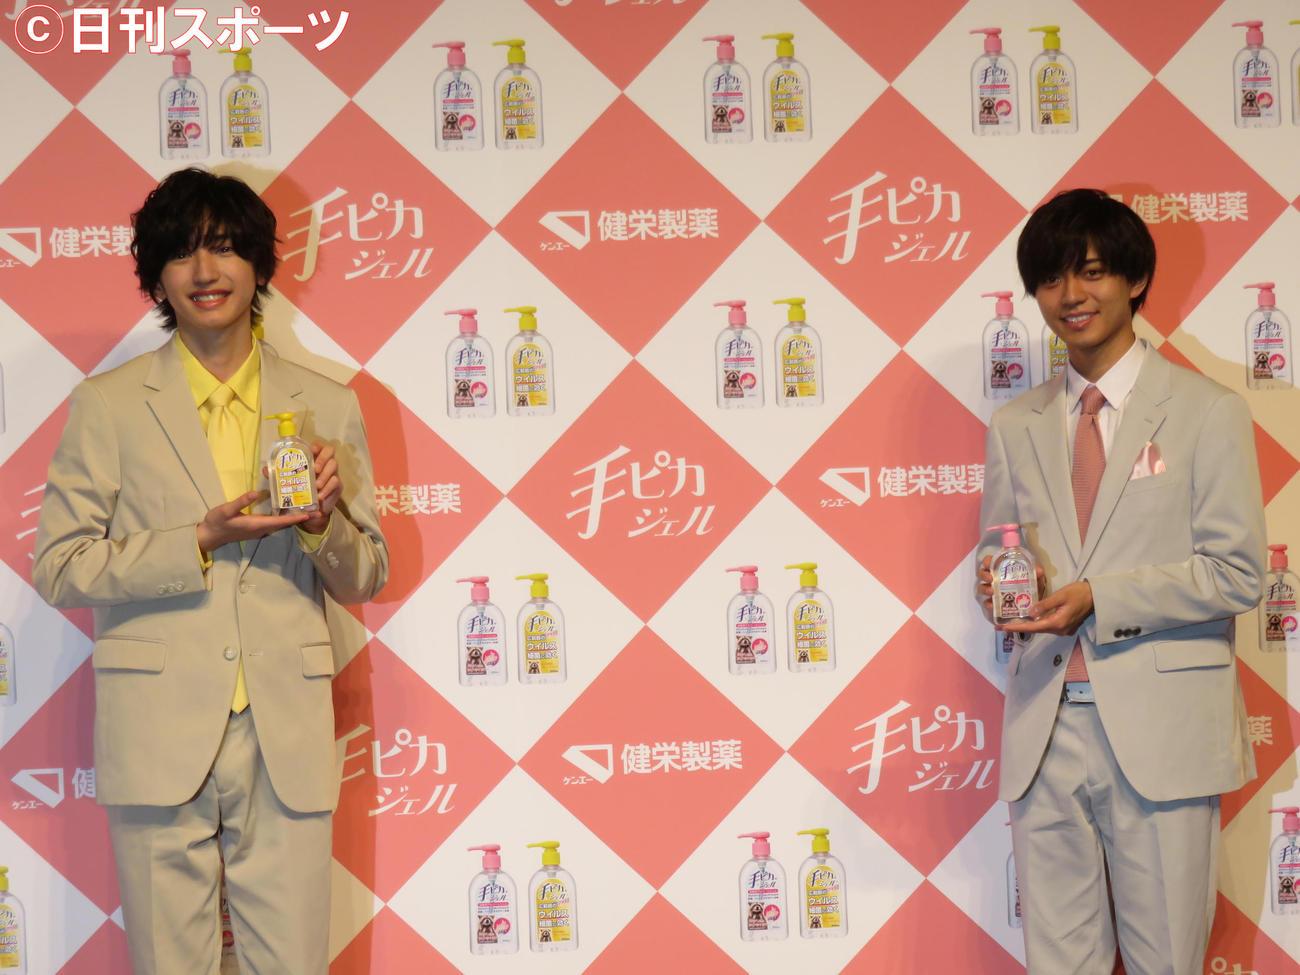 「手ピカジェル」のCM発表会に出席した永瀬廉(右)と道枝駿佑